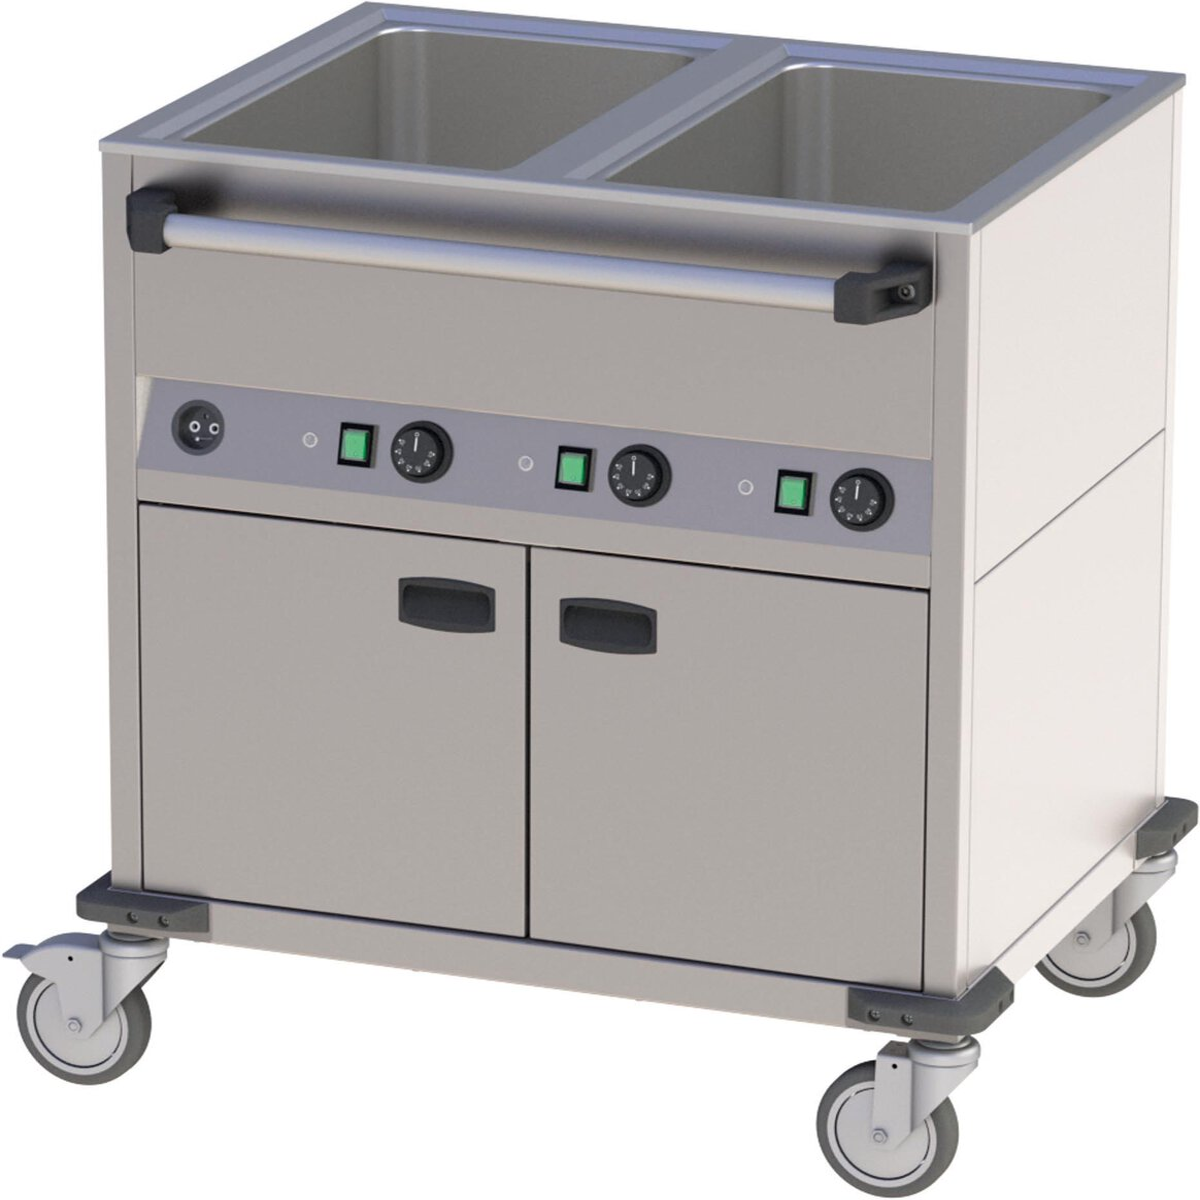 Fahrbares Wasserbad mit Wärmeschrank 2 Becken (1)